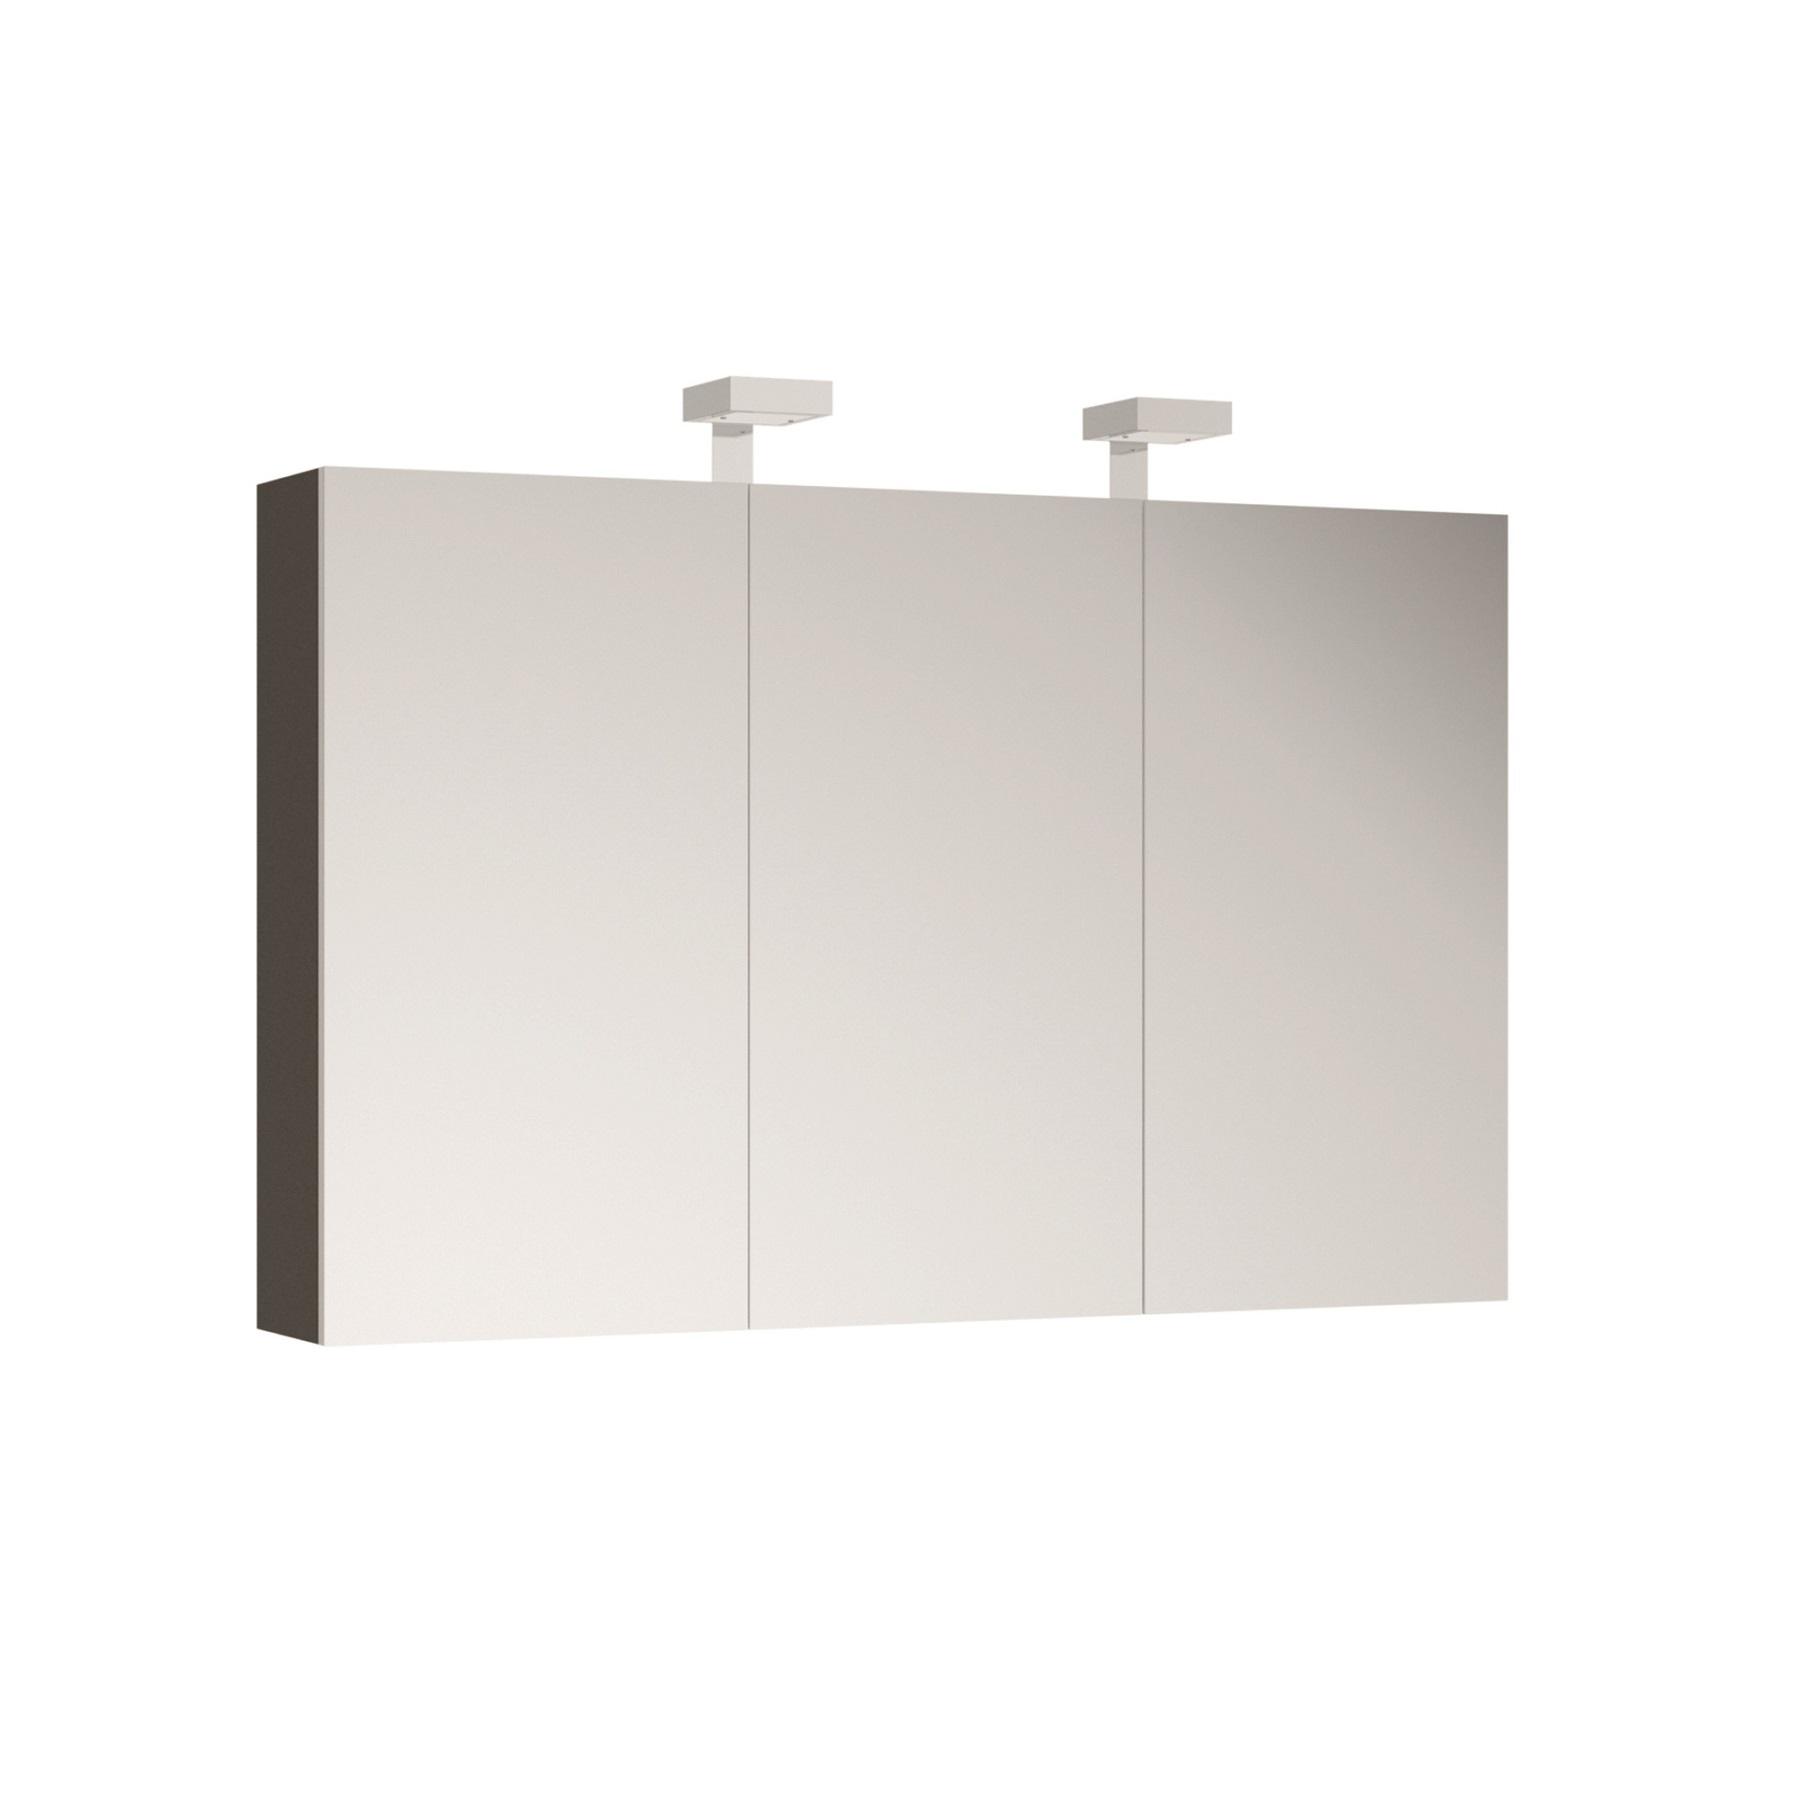 allibert spiegelschrank spiegel badm bel vormontiert grau glanz 120 cm led ebay. Black Bedroom Furniture Sets. Home Design Ideas